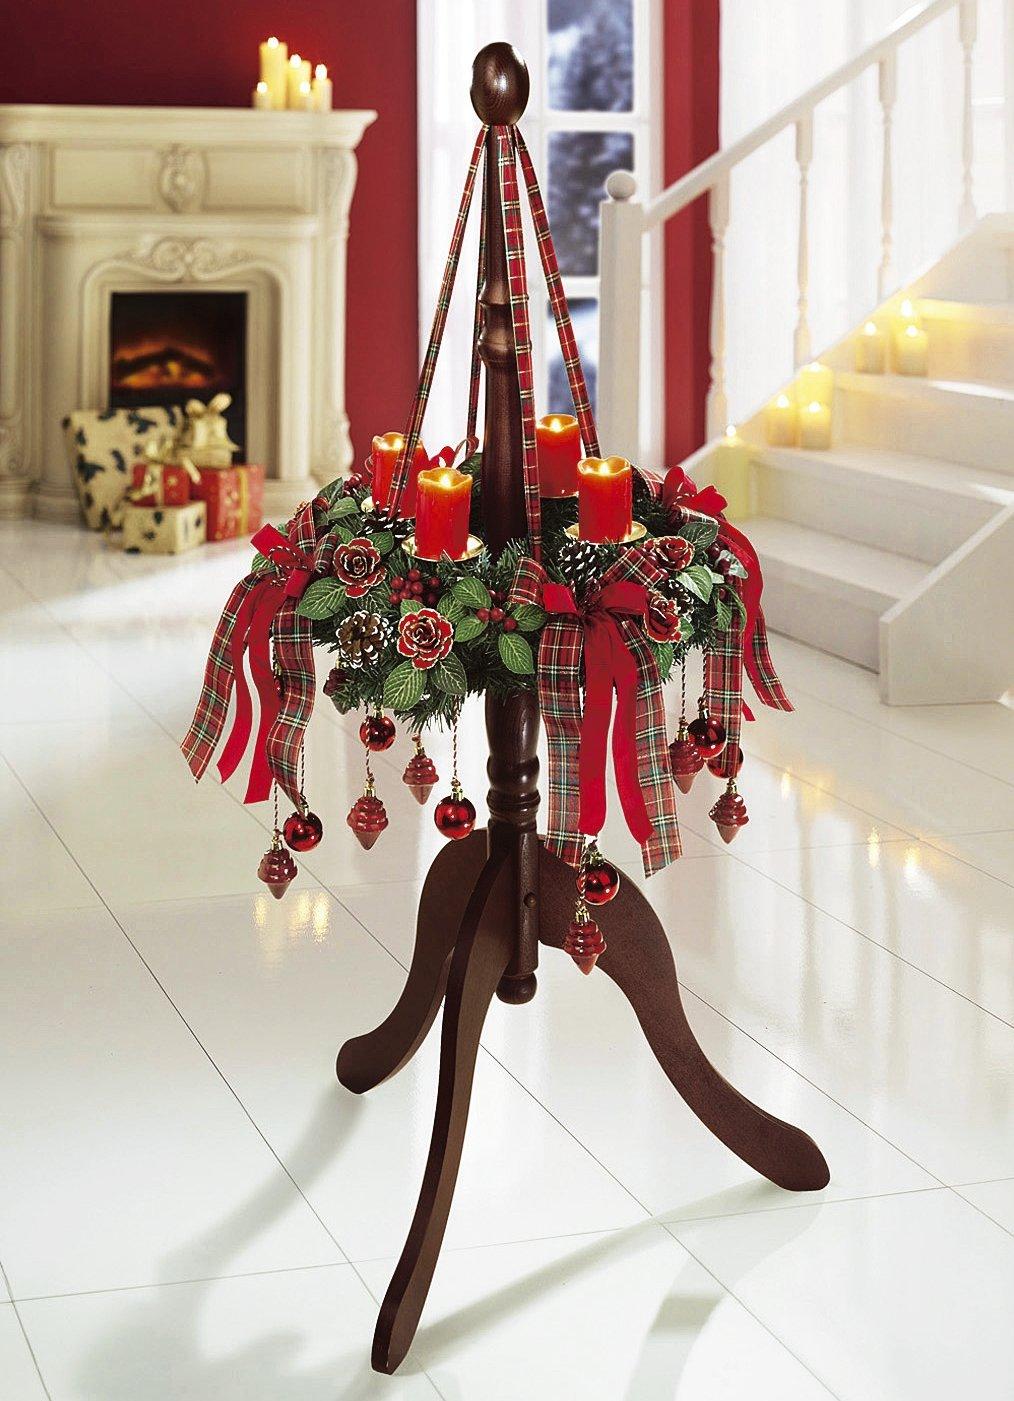 adventskranz mit kugel zapfen weihnachten deko kranz advent ebay. Black Bedroom Furniture Sets. Home Design Ideas